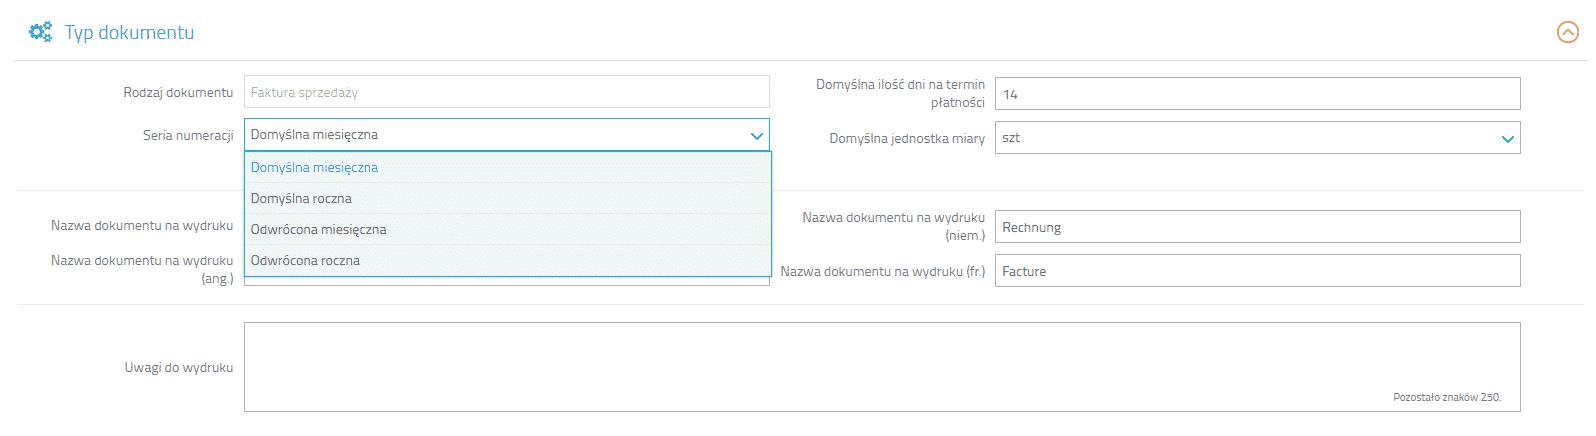 Seria numeracji w typach dokumentów